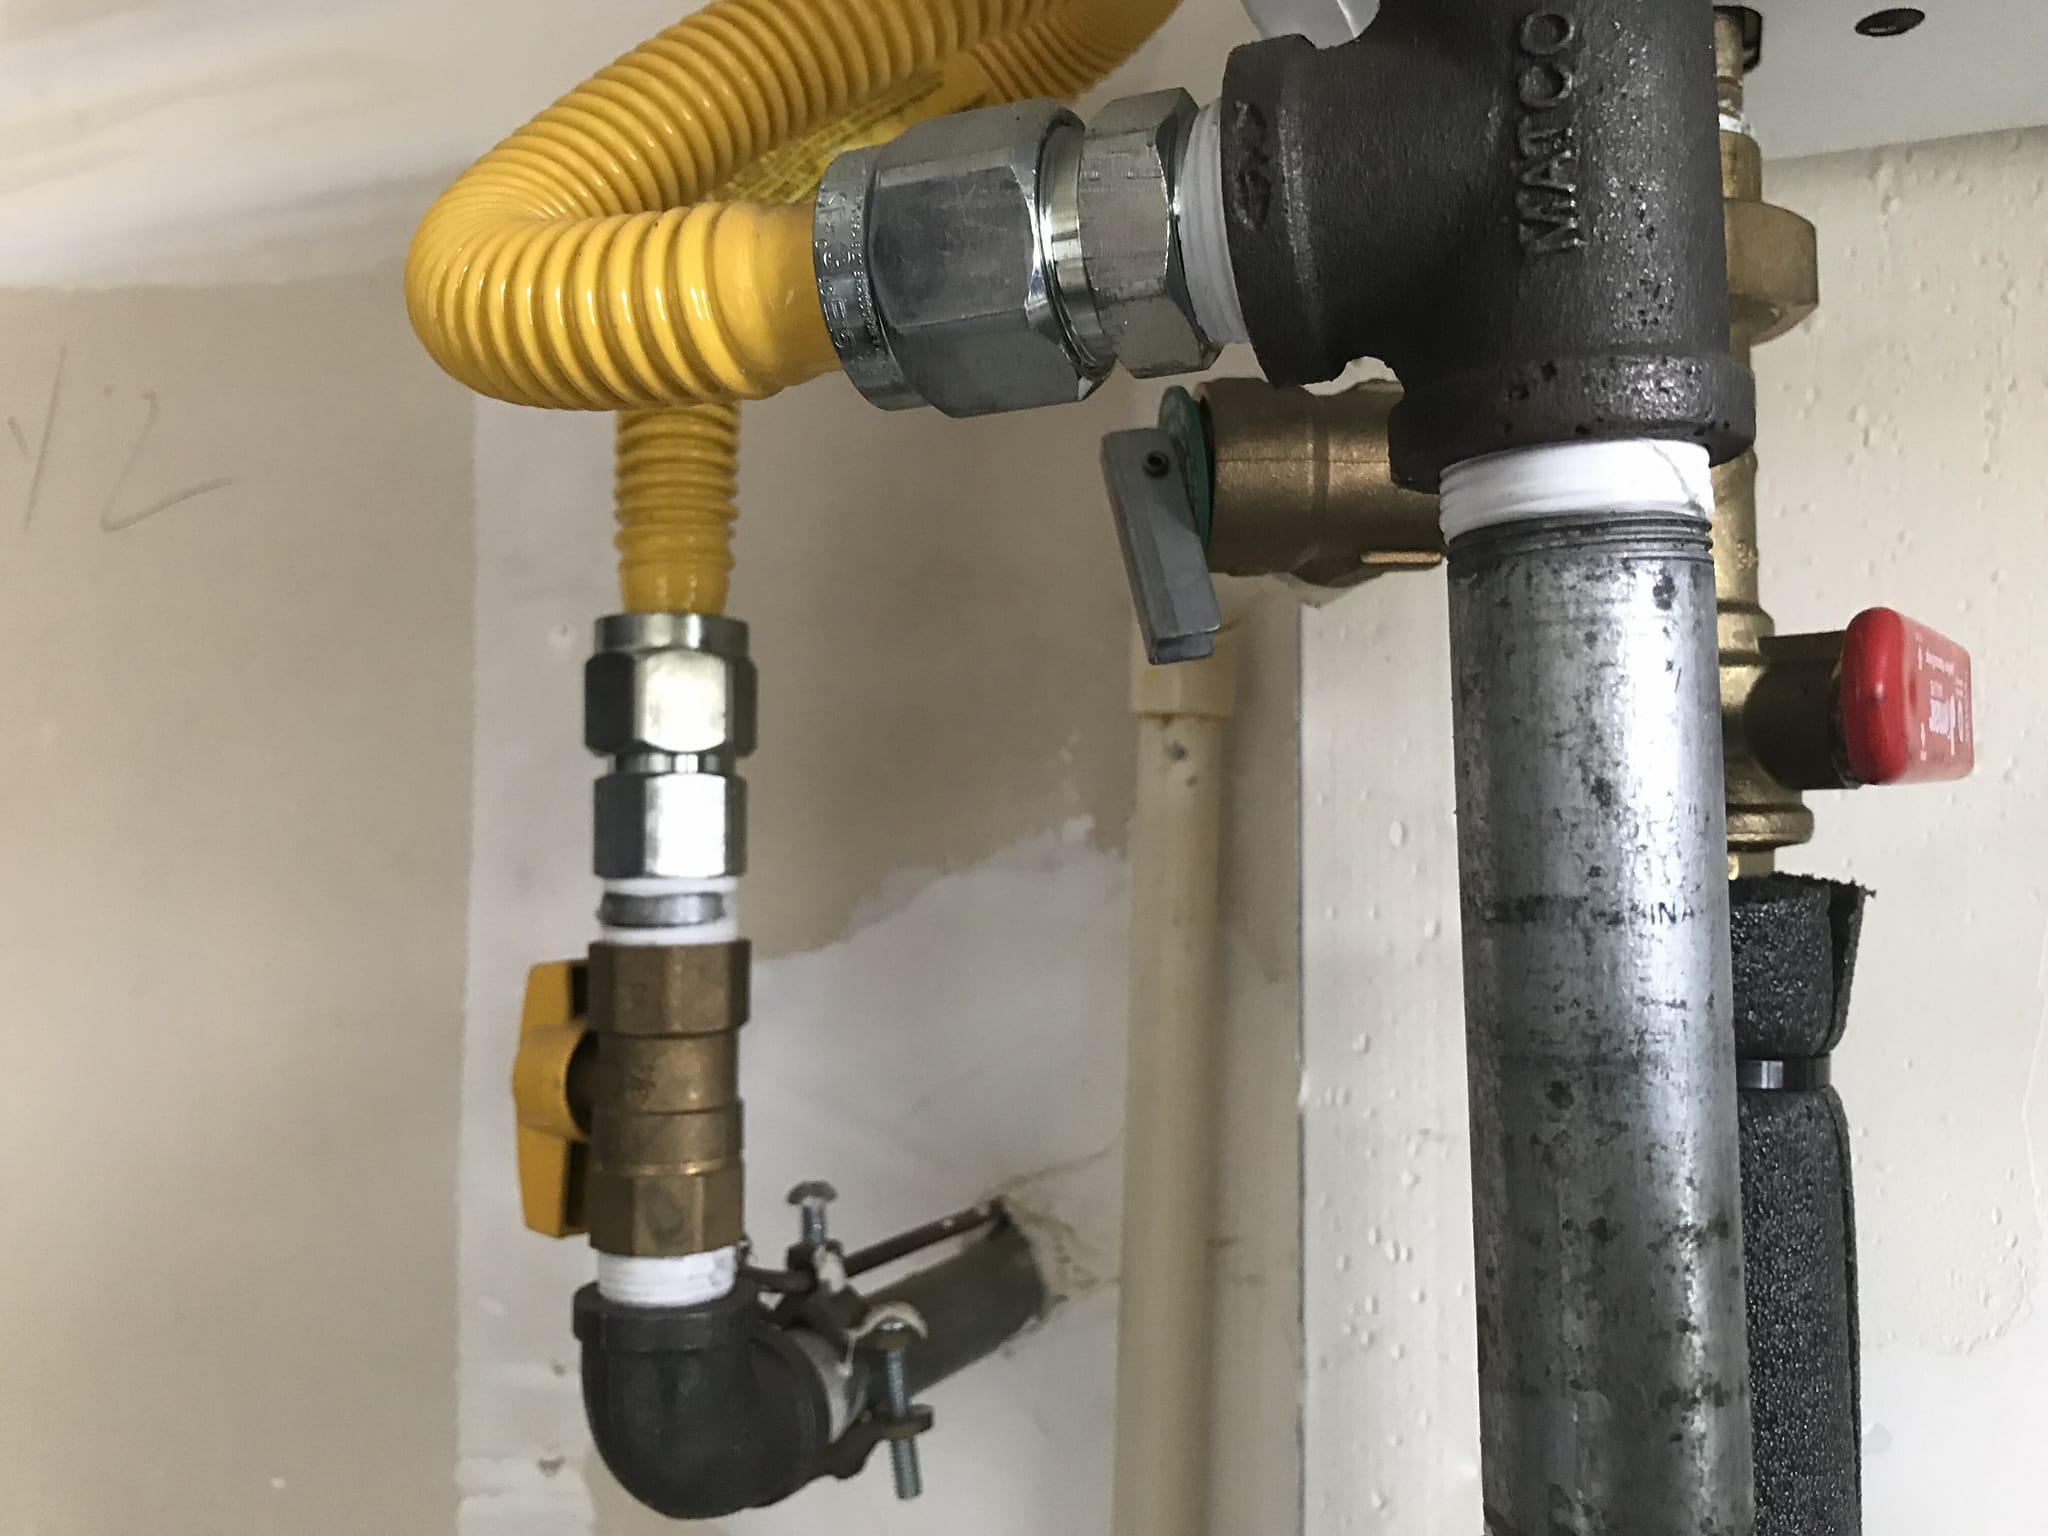 Manteca Water Heater Repair